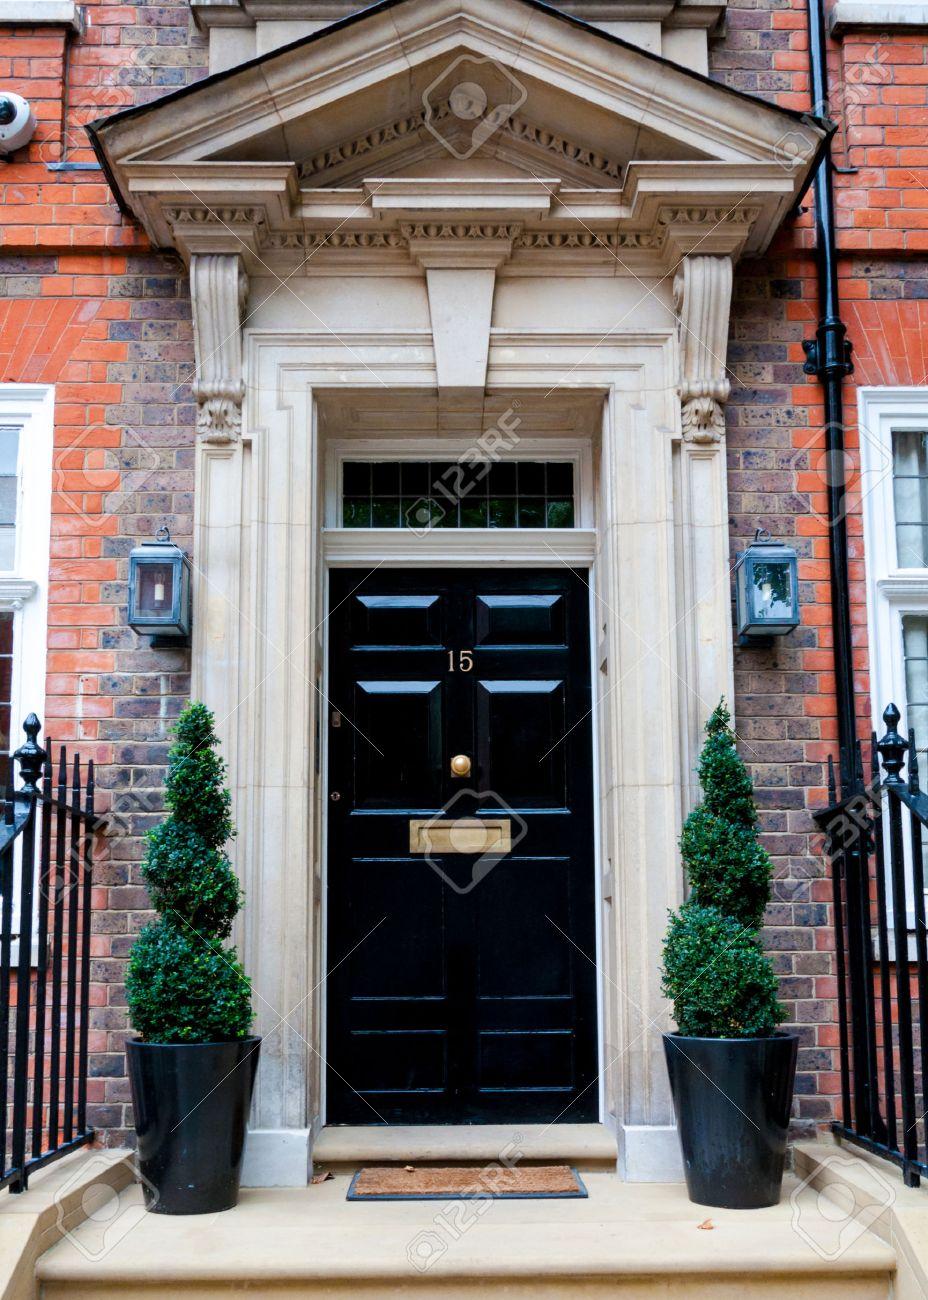 Beliebt Traditionelle Englische Viktorianische Haustür Lizenzfreie Fotos RB83